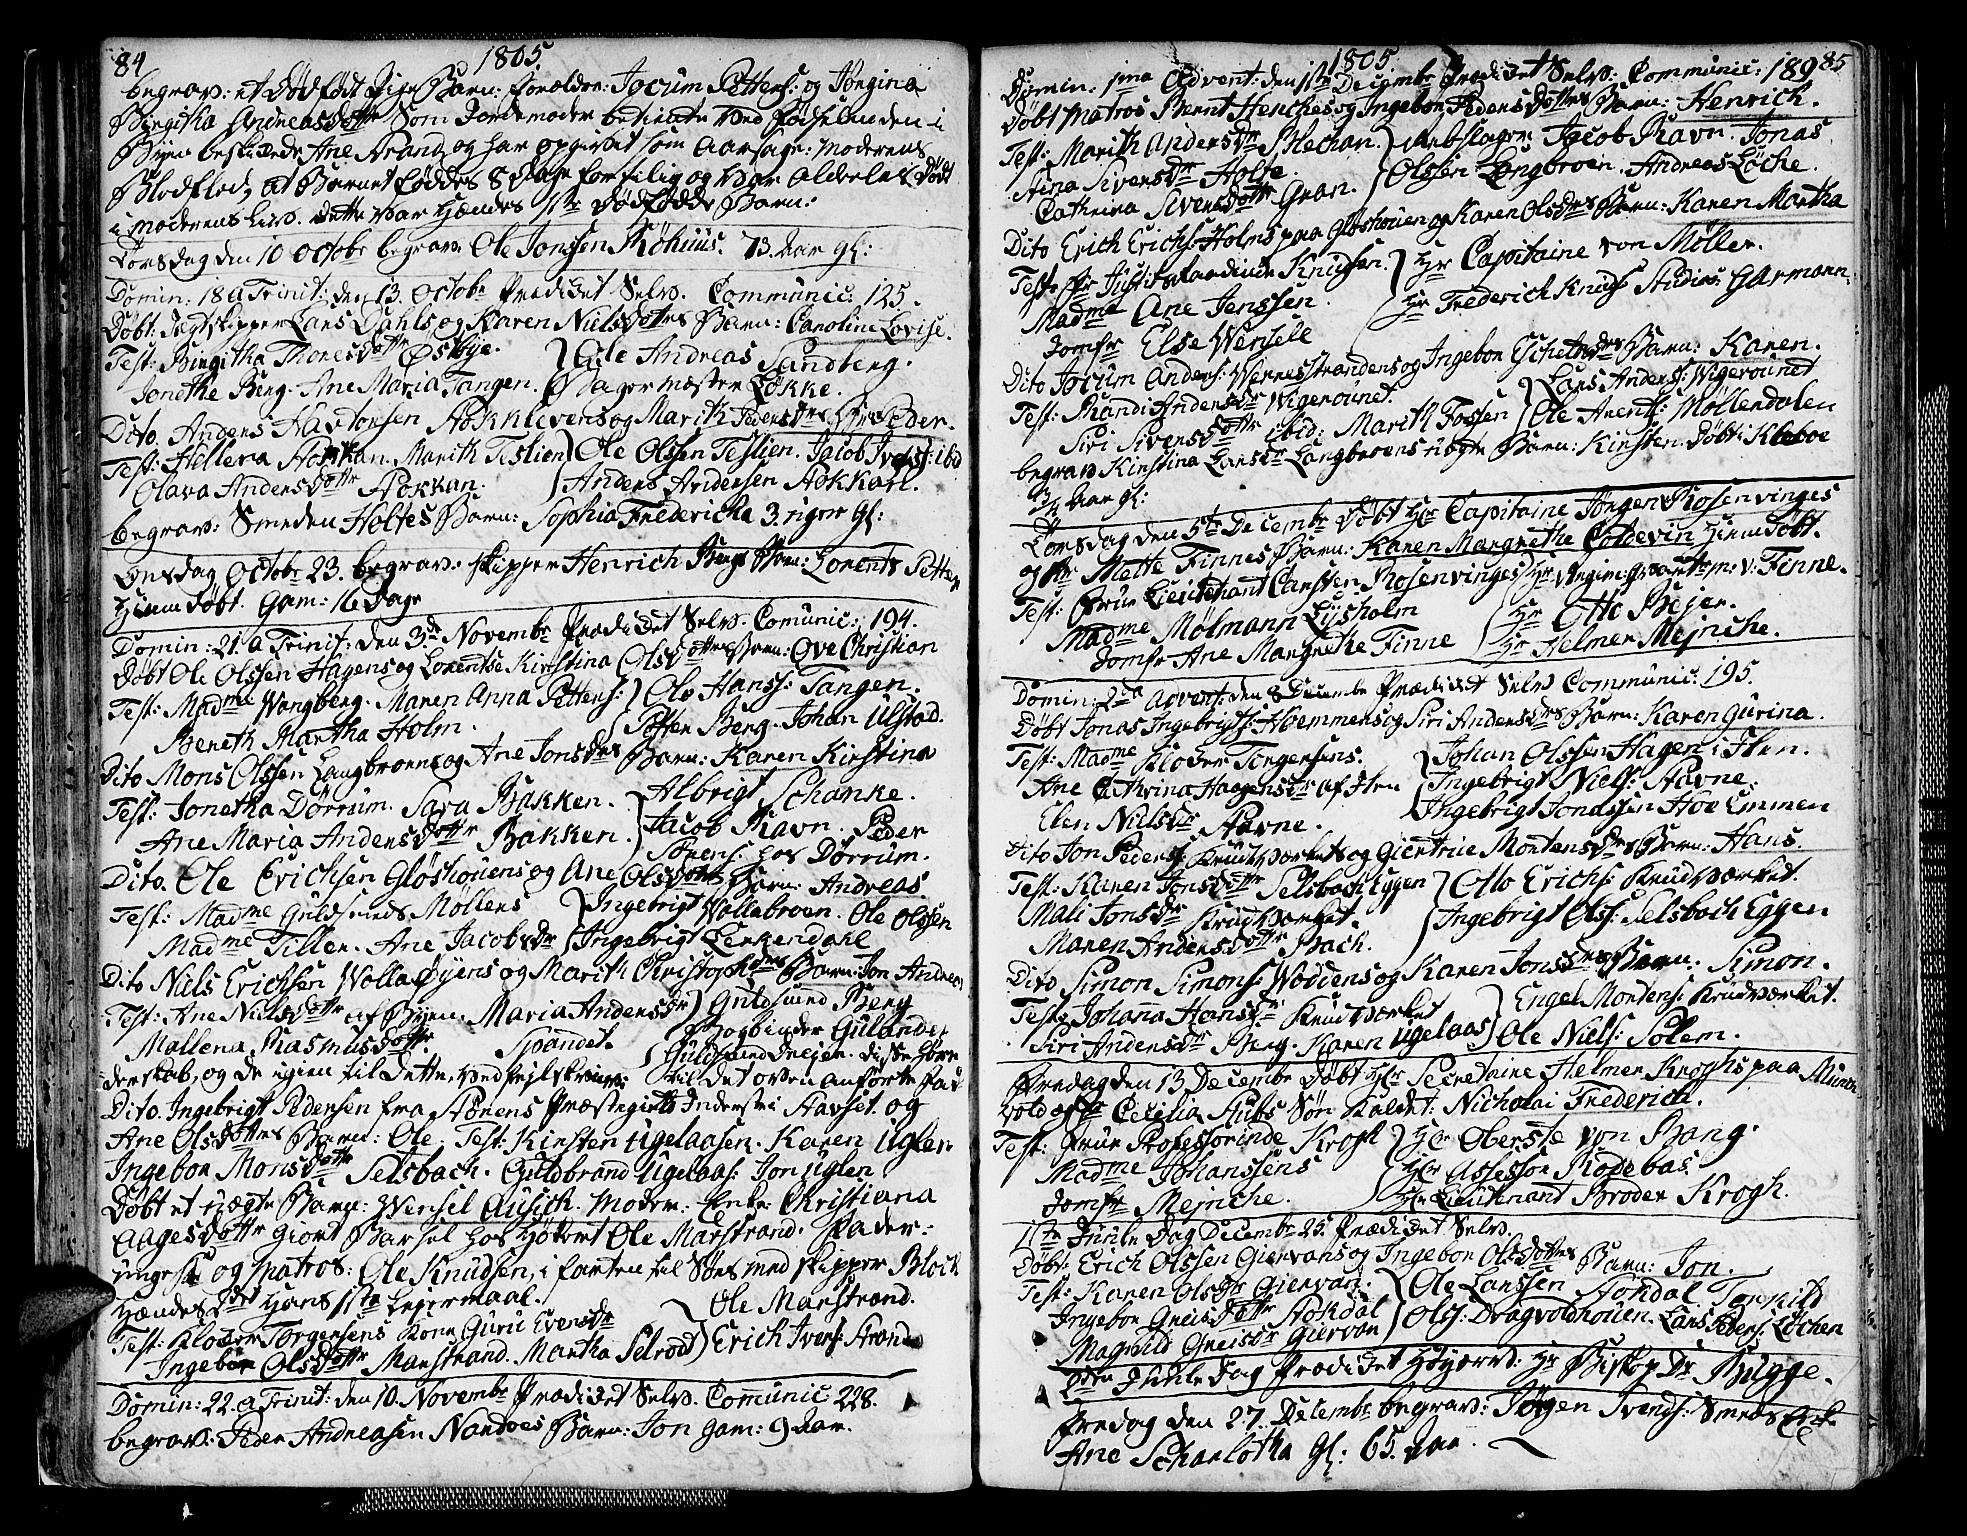 SAT, Ministerialprotokoller, klokkerbøker og fødselsregistre - Sør-Trøndelag, 604/L0181: Ministerialbok nr. 604A02, 1798-1817, s. 84-85